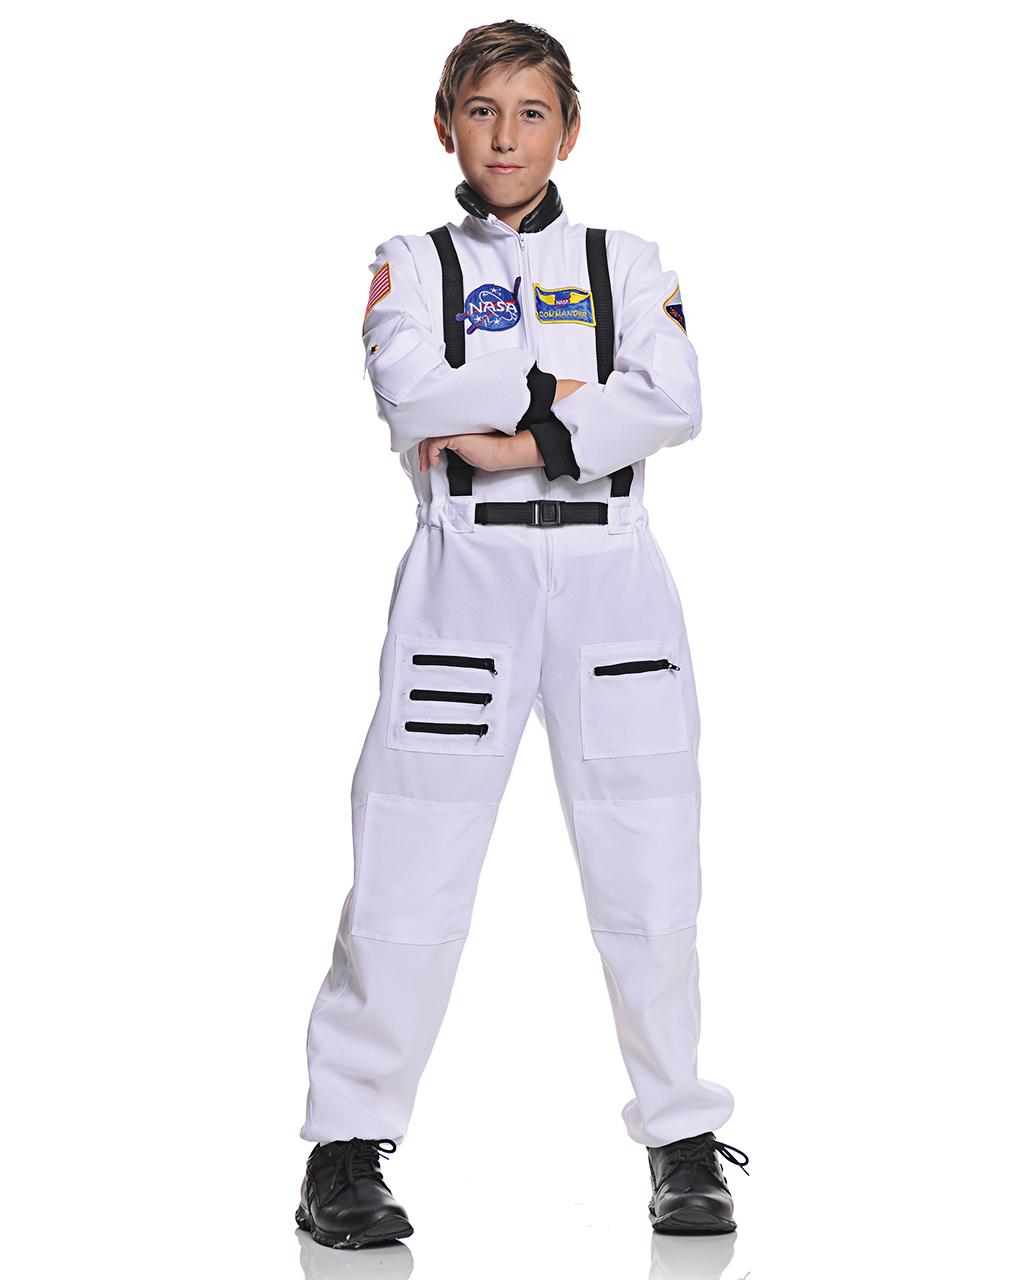 Nasa Astronauten Kinderkostum Weiss Fur Fasching Horror Shop Com